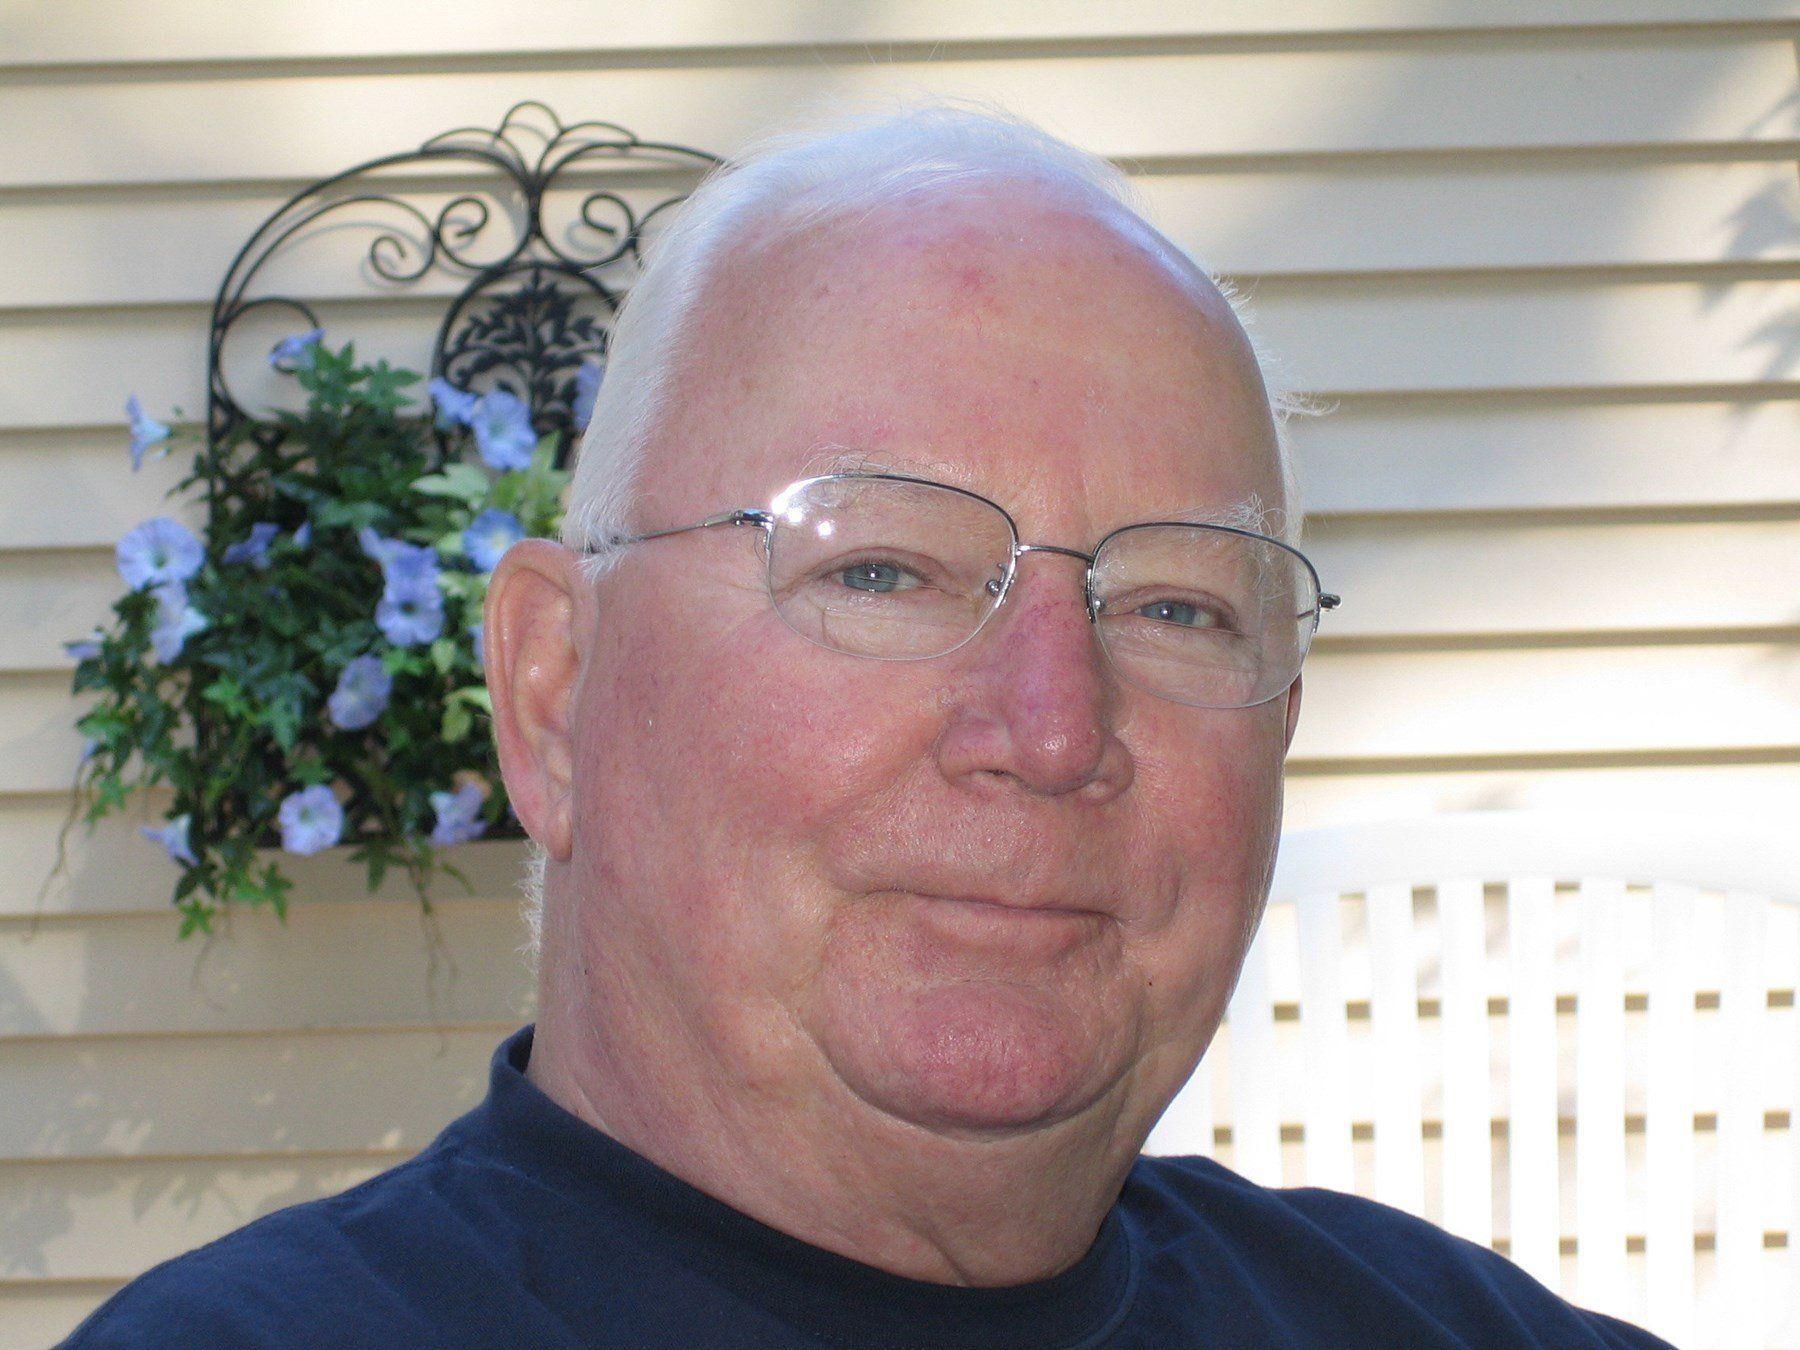 High-Octane reccomend Becker funeral home 219 kinderkamack rd westwood nj